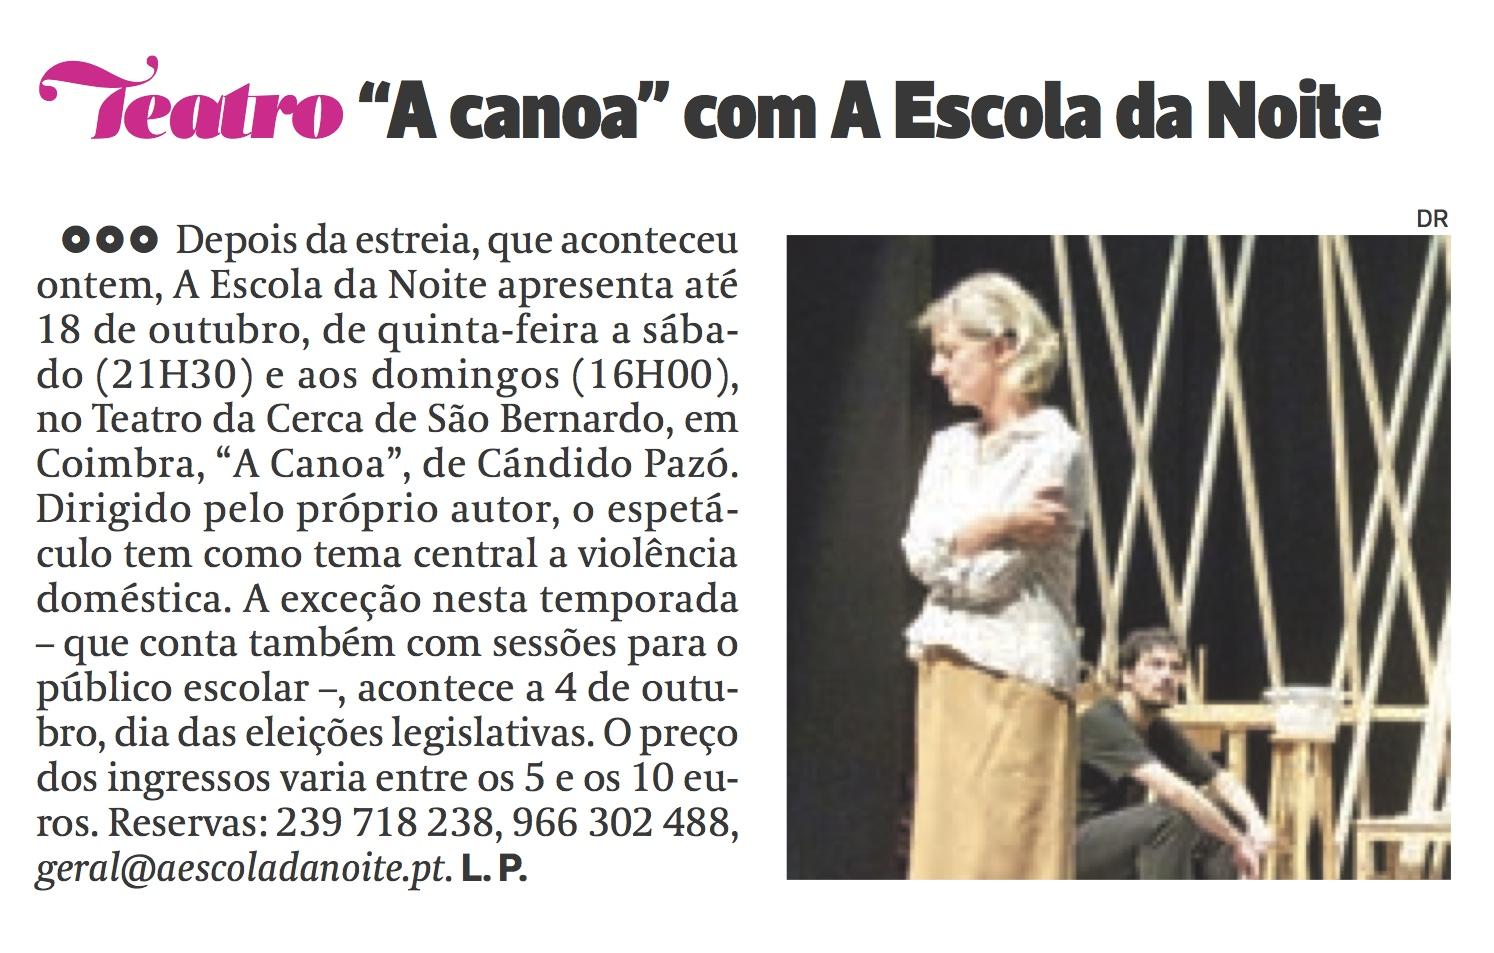 Diário As Beiras, 18/09/2015